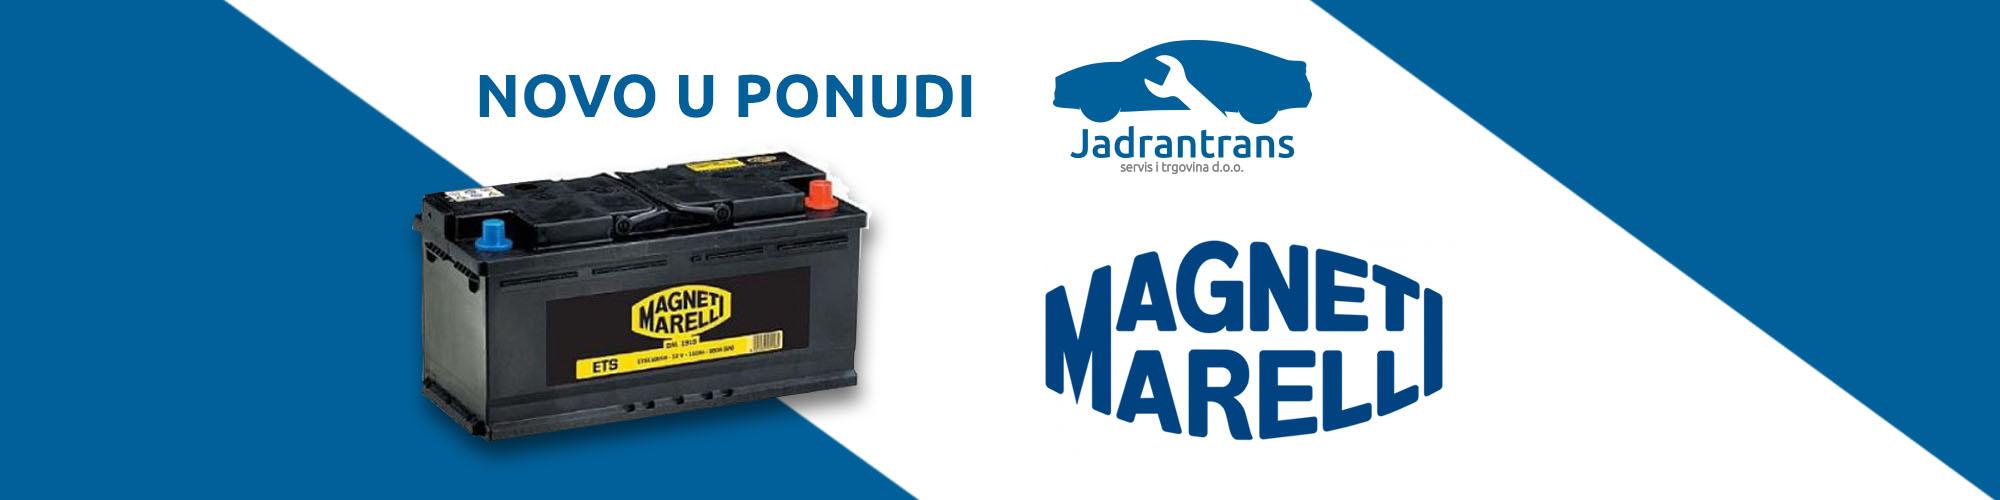 magneti-mareli